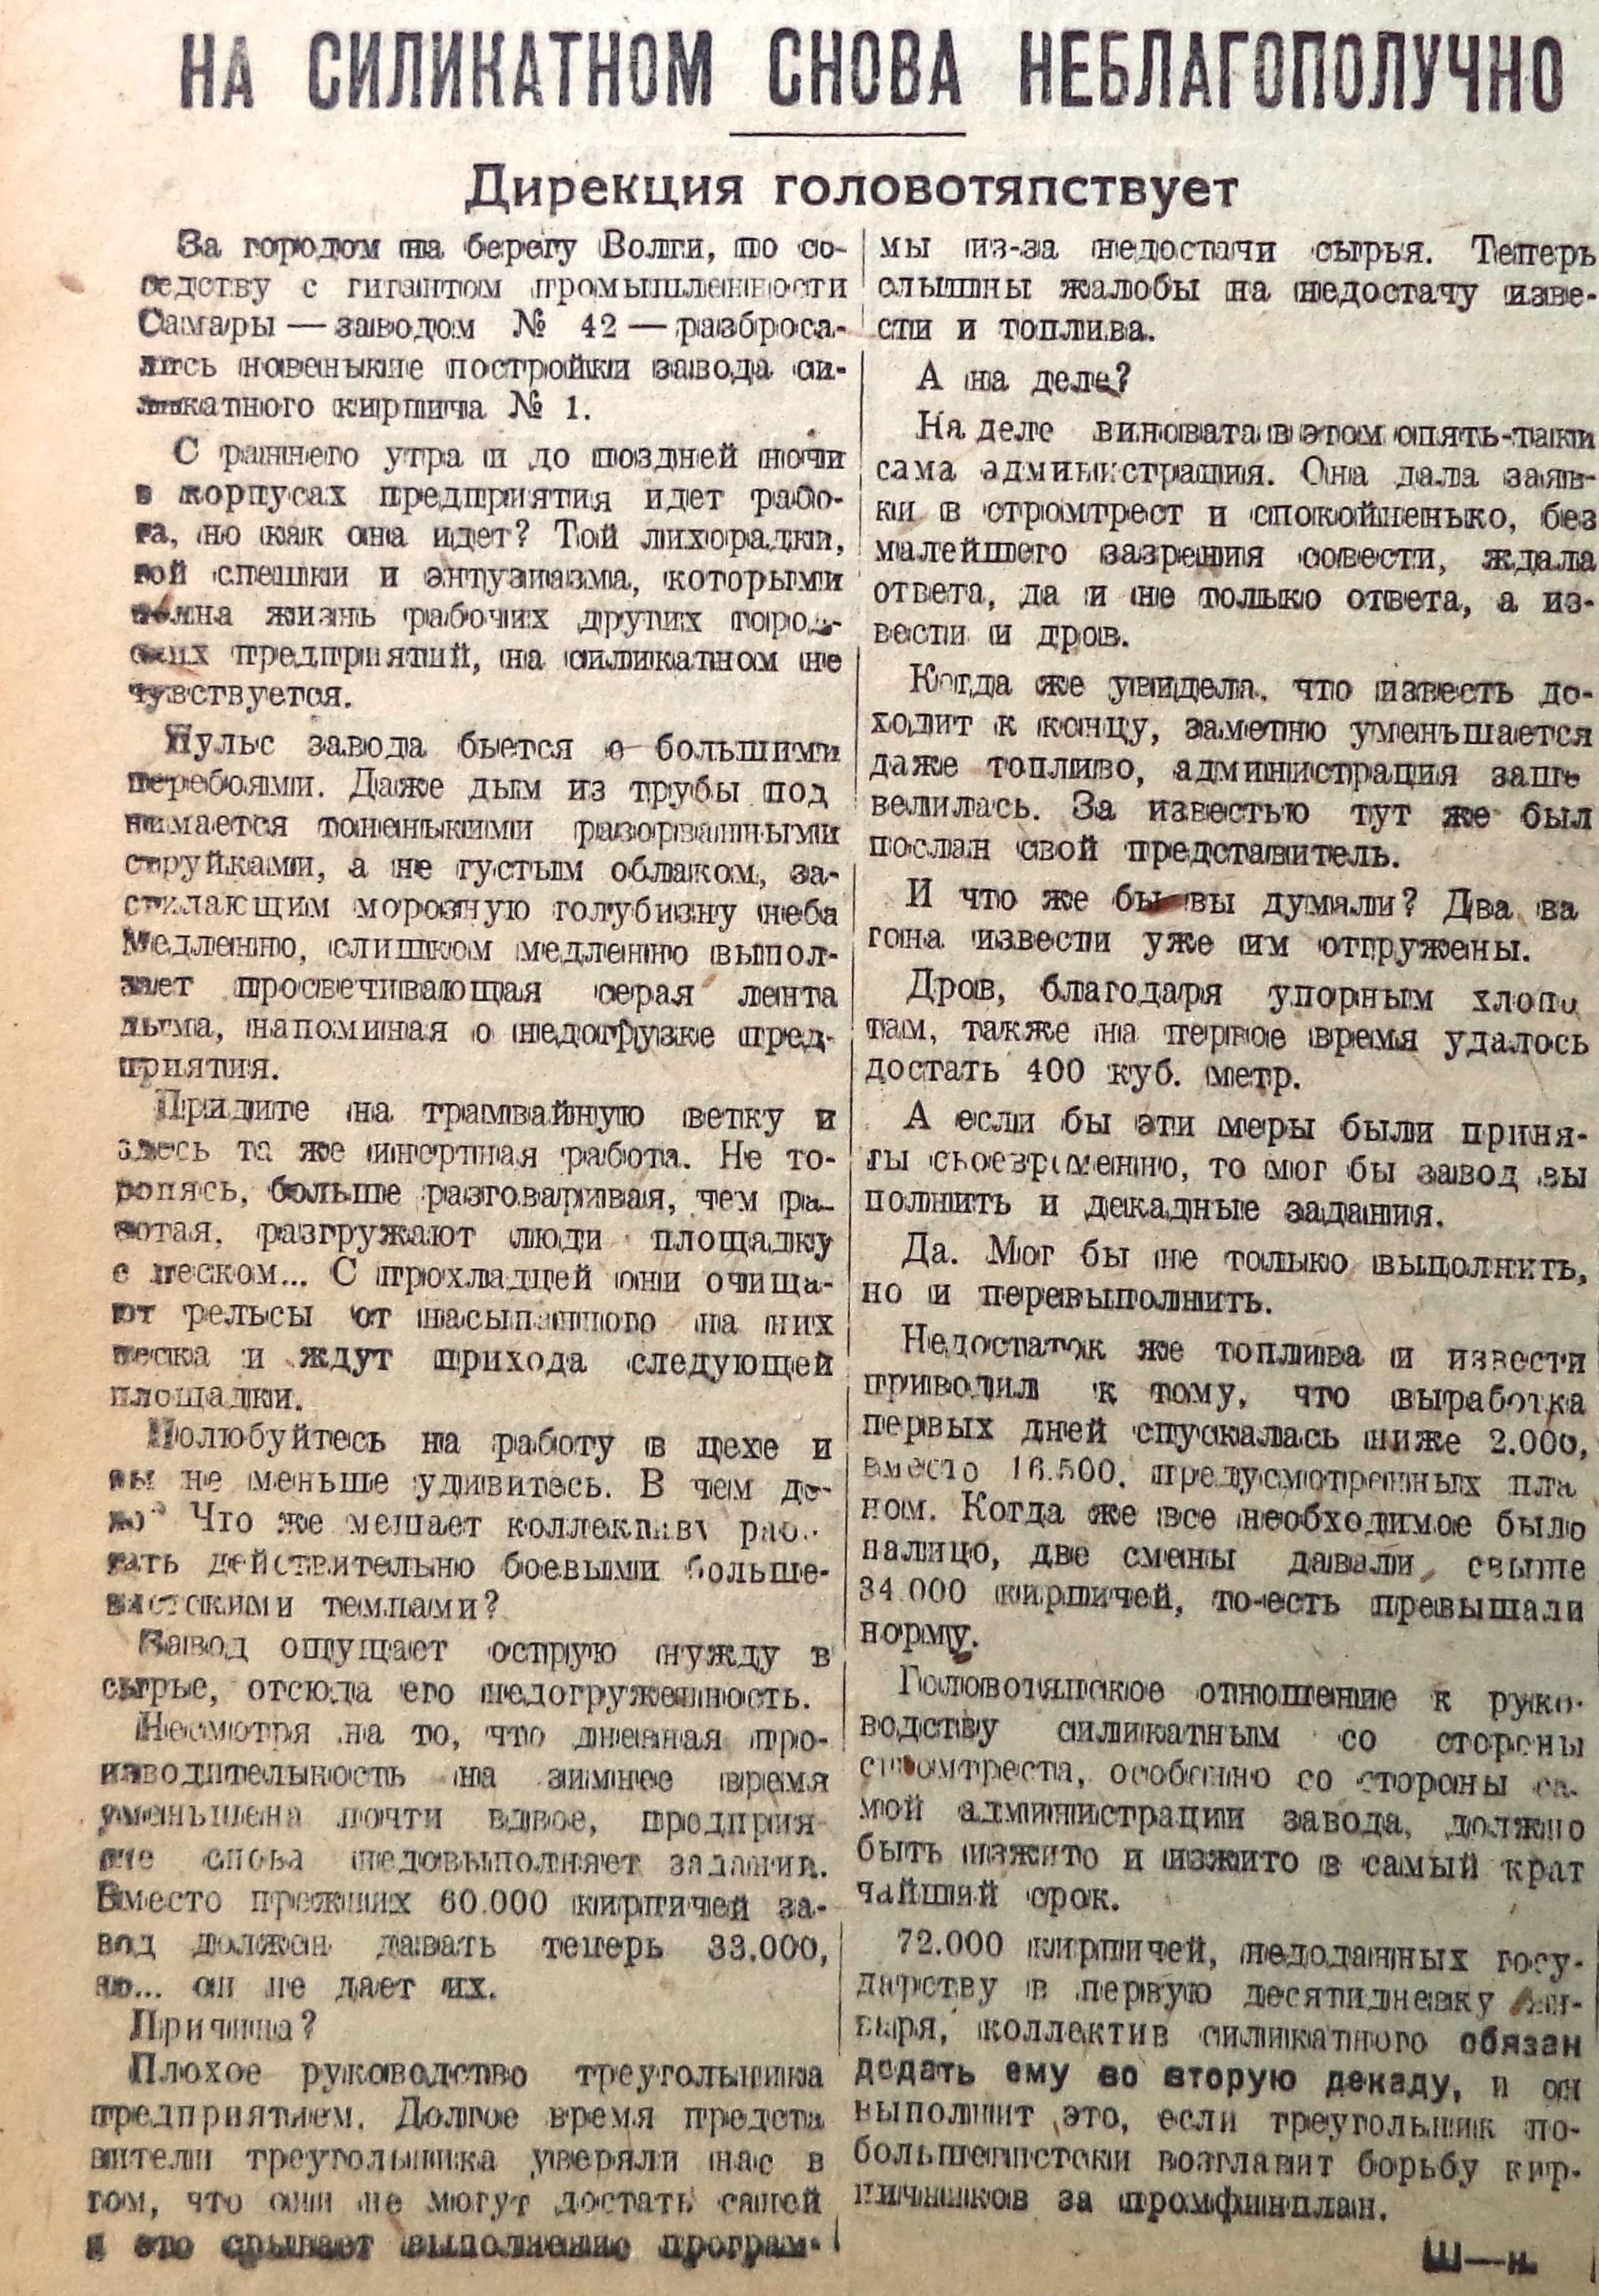 Соколова-ФОТО-11-РабСам-1931-01-16-пробл. силик. з-да